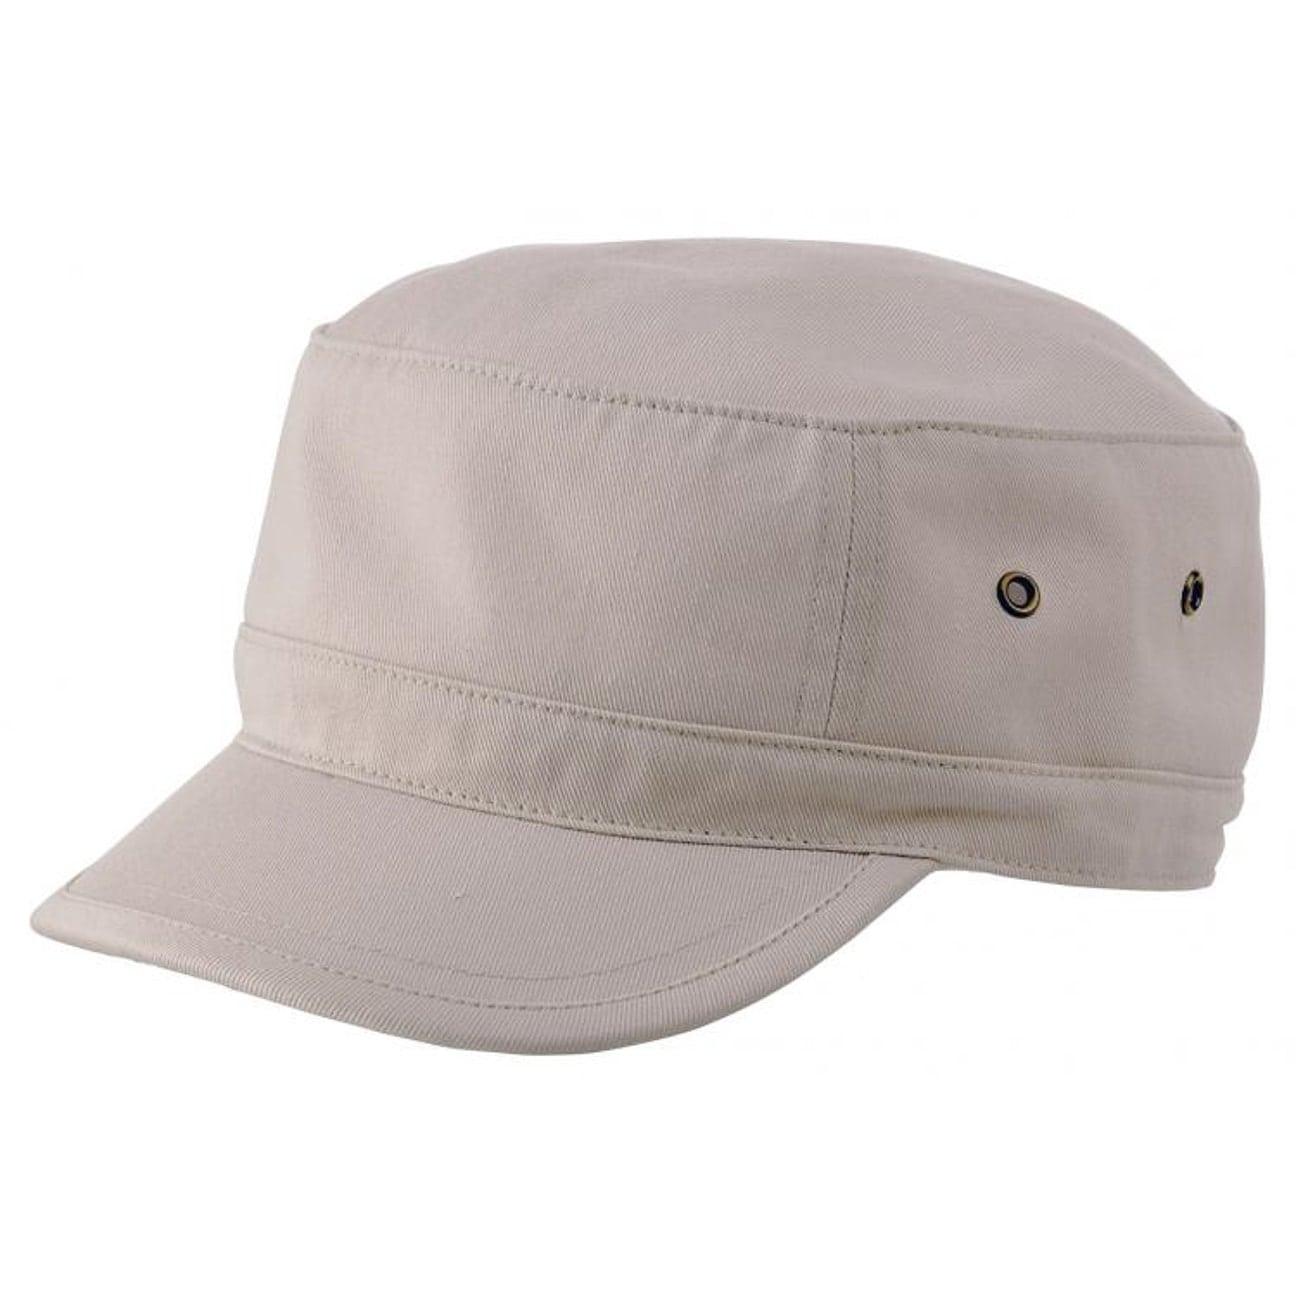 Kids Urban Army Cap Eur 9 95 Gt Hats Caps Amp Beanies